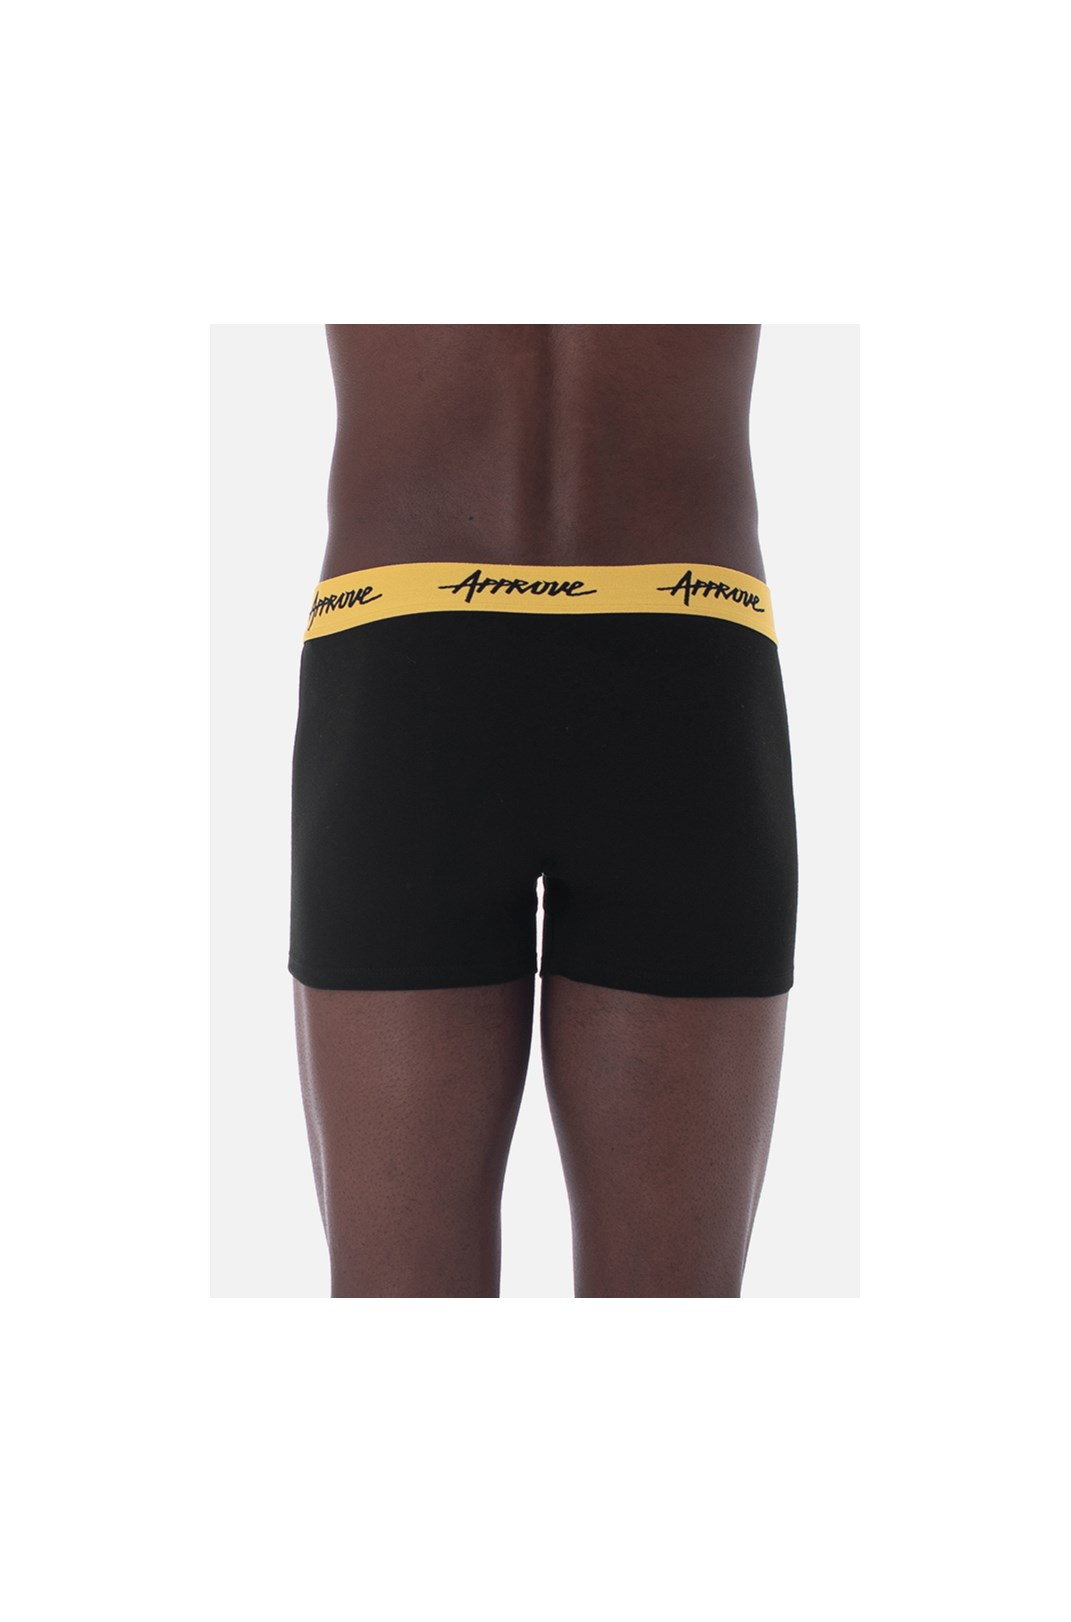 Cueca Boxer Approve Preta com Amarelo